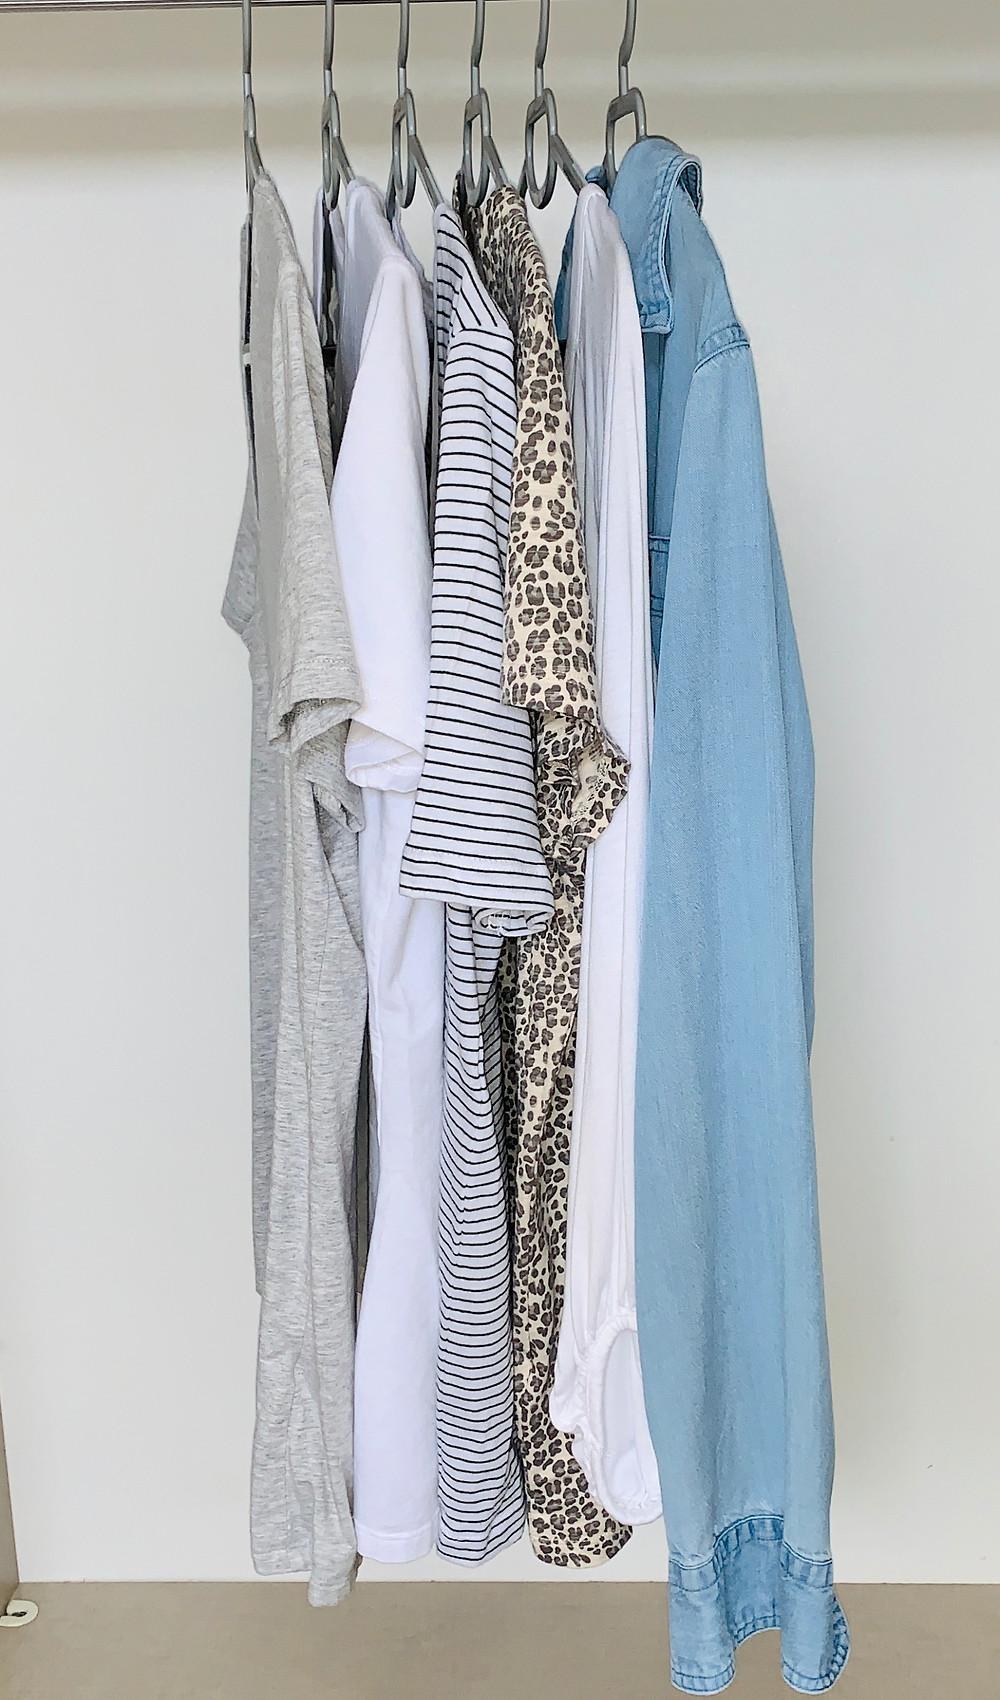 חולצת ג'ינס, חולצה לבנה, טי מנומרת, פסים, לבנה ואפורה